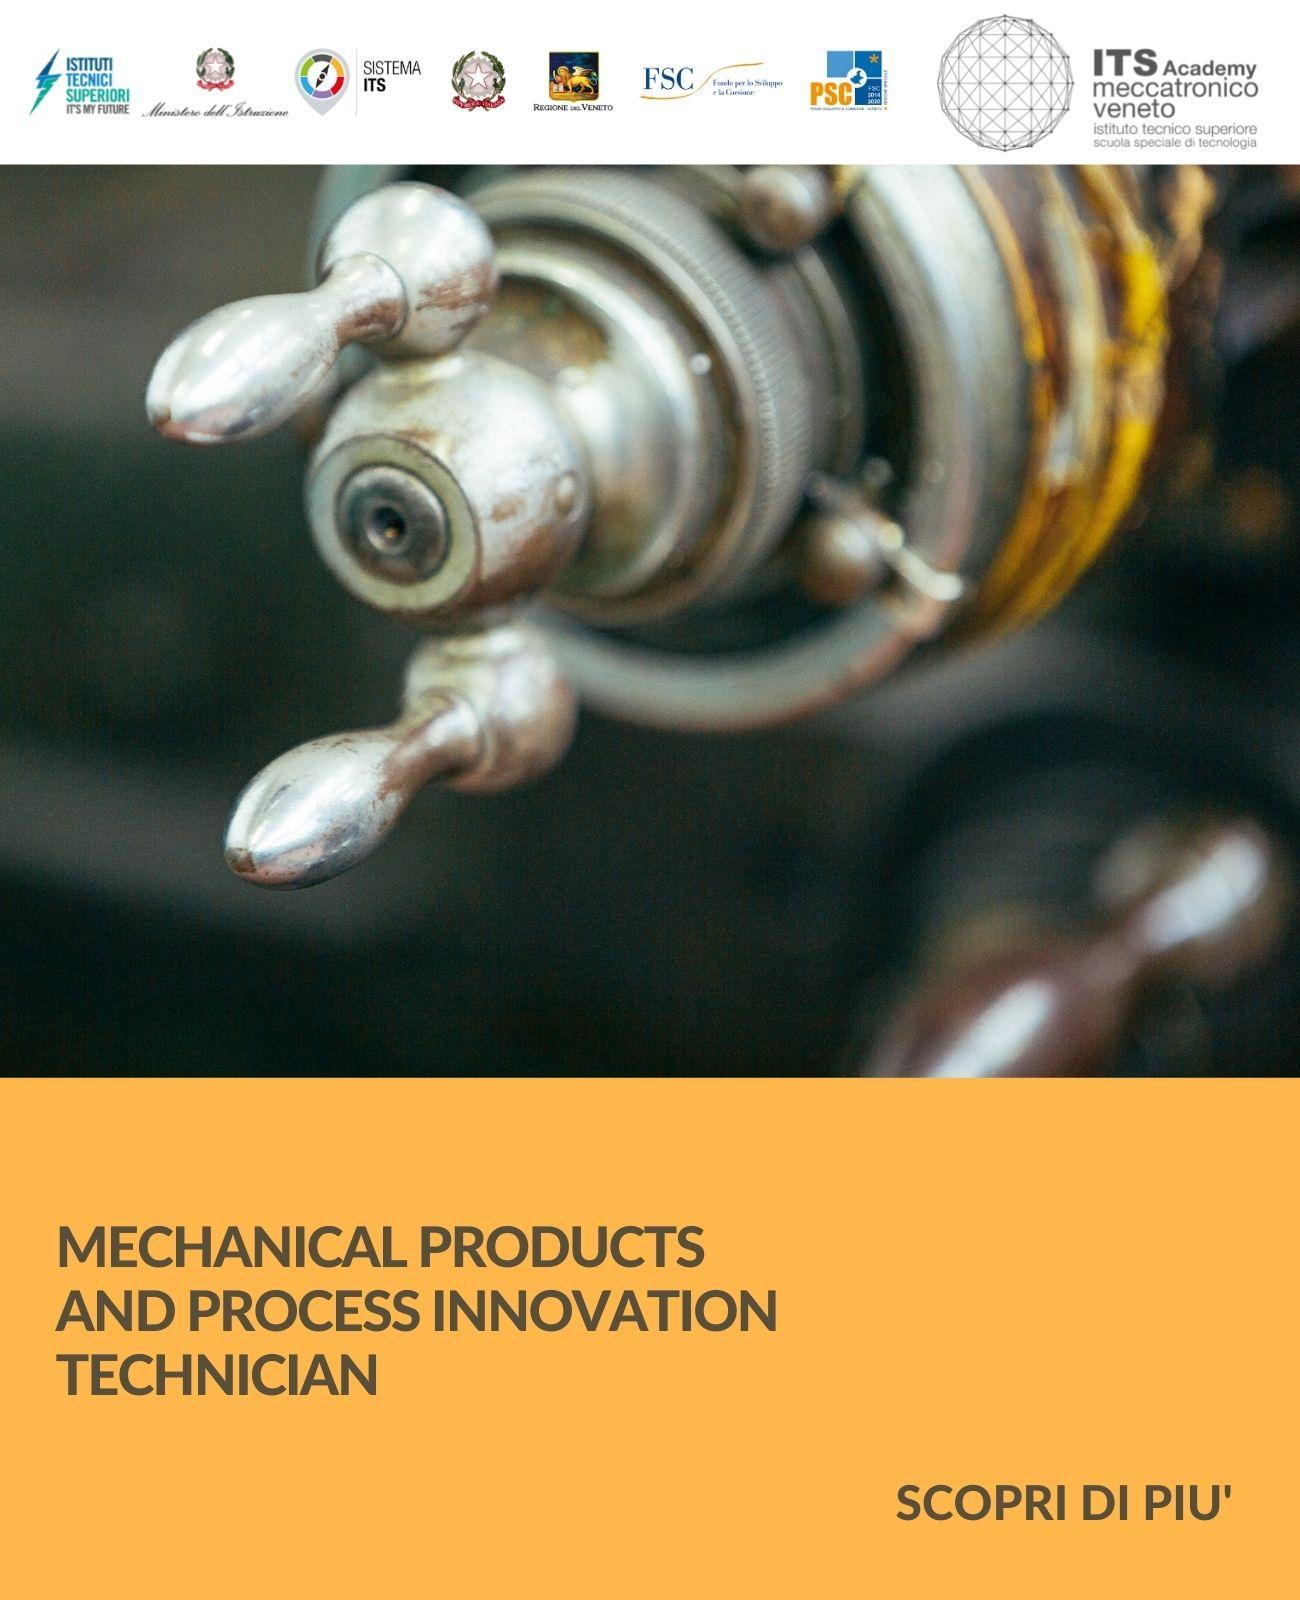 Corso innovazione meccanica ENG